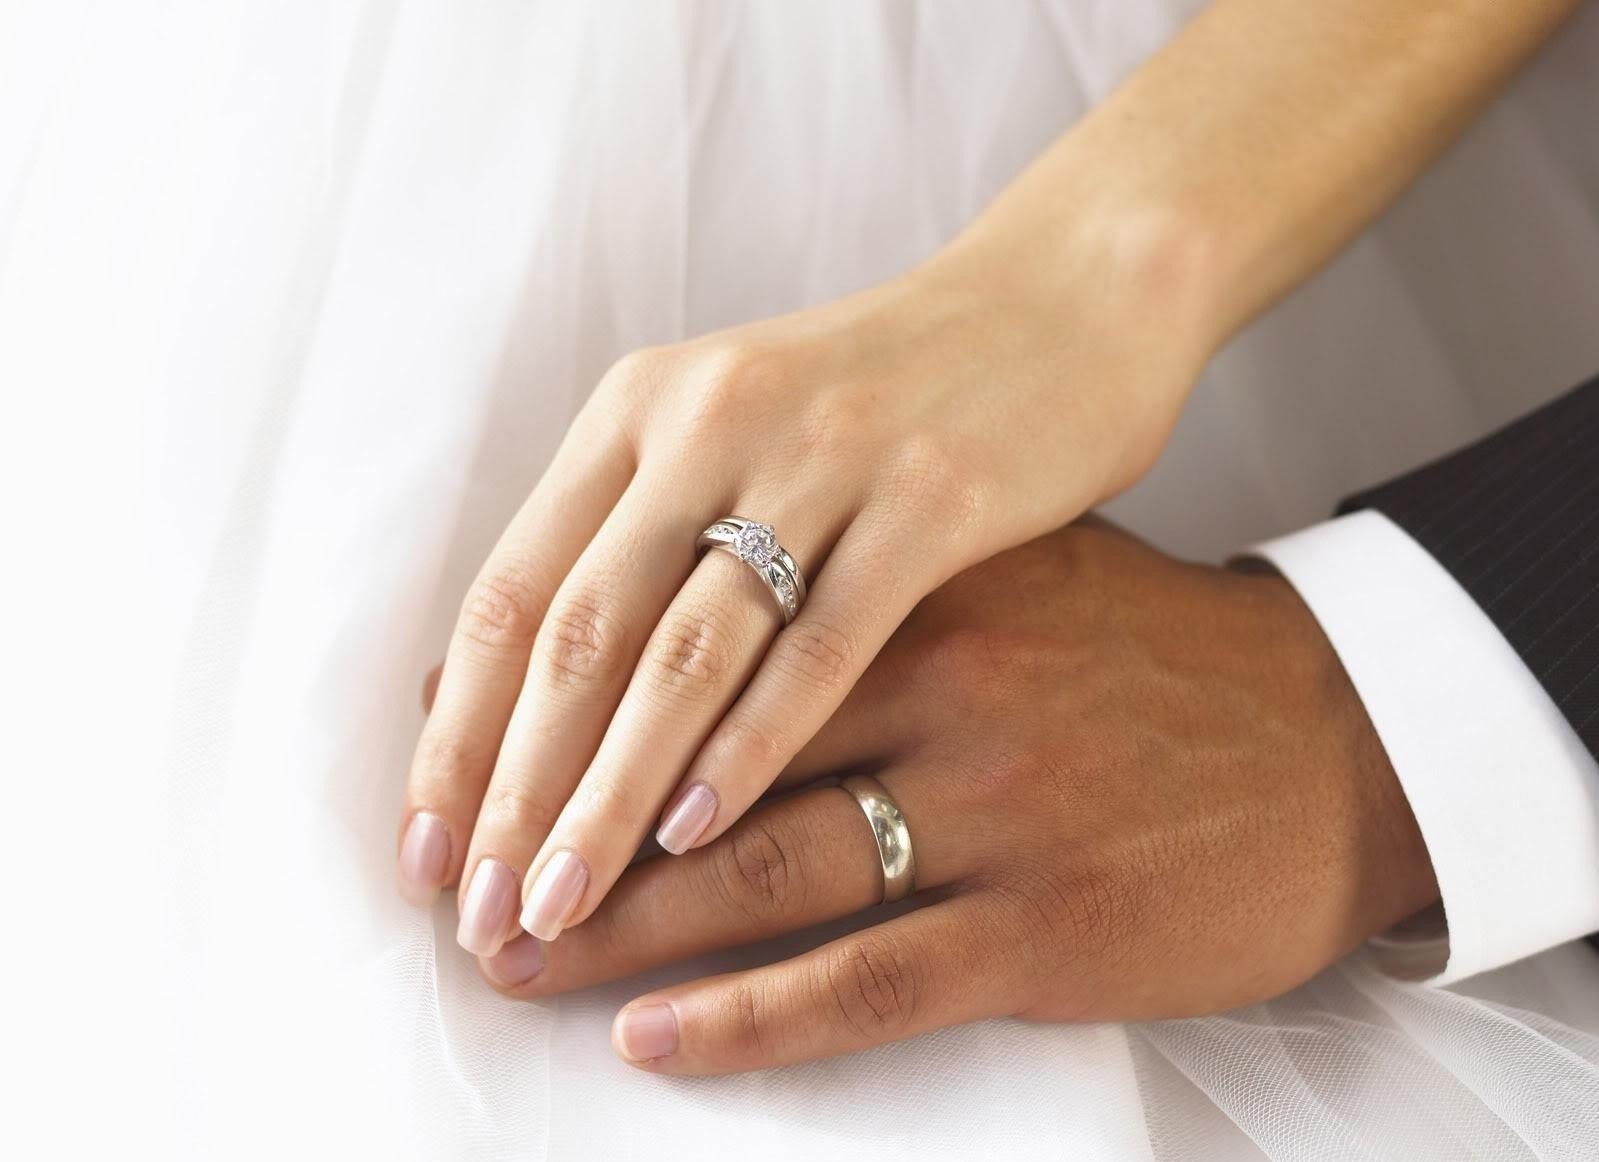 Vendre Une Bague De Mariage Après Un Divorce Puis Je Porter